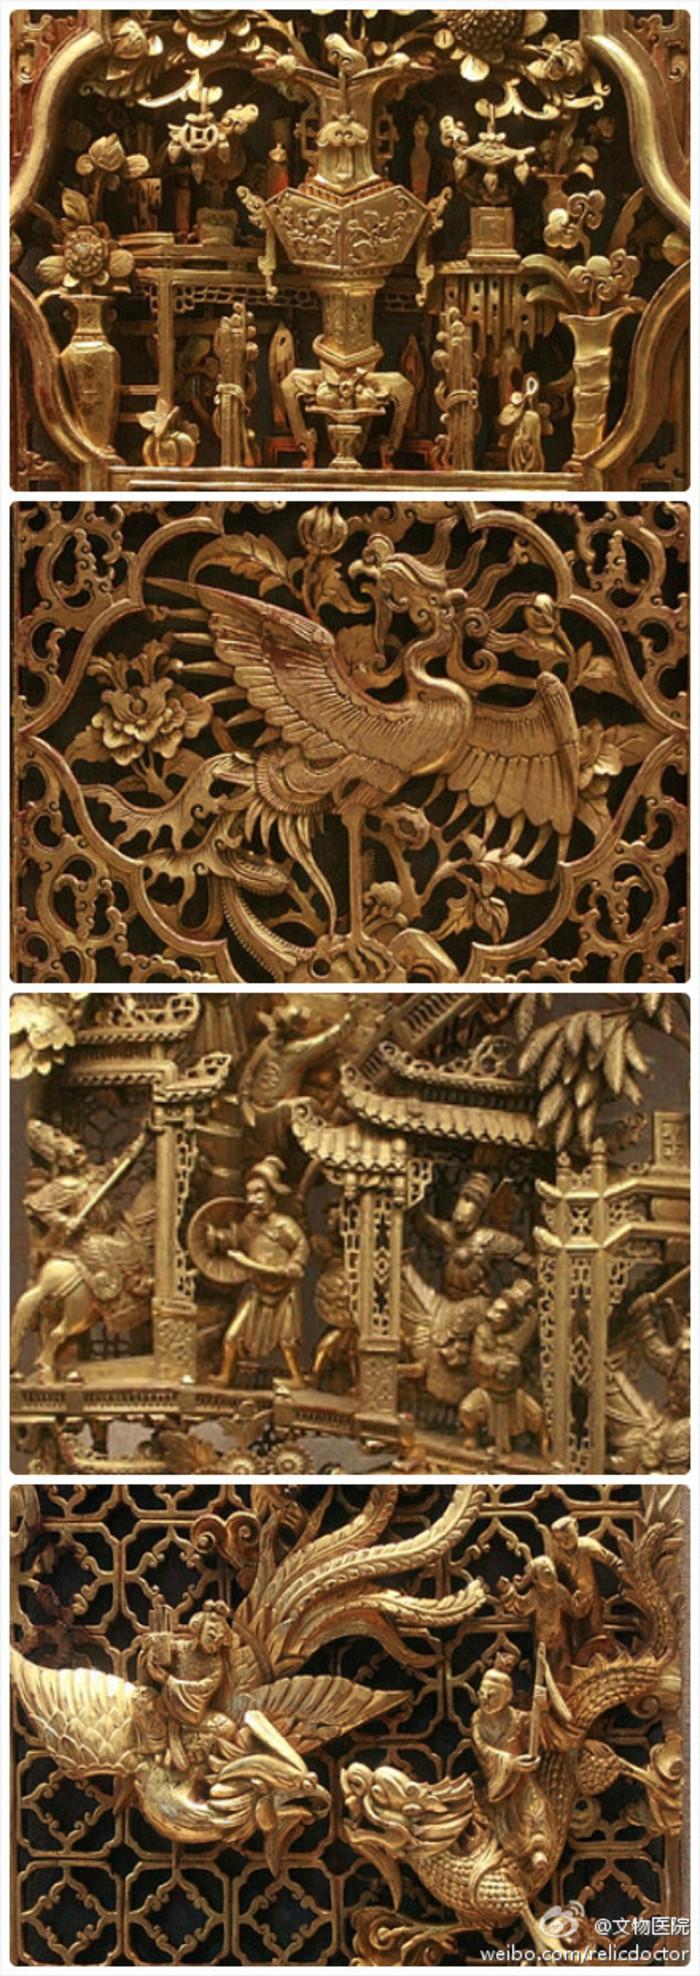 #潮州金漆木雕#以木雕为基础,髹之以金,自明代开始逐渐形成定式,至万历年间始向镂通发展,清代对繁复多层镂通和金碧辉煌的情有独钟,将其推至鼎盛。凡是做到极致,没有不赞的。